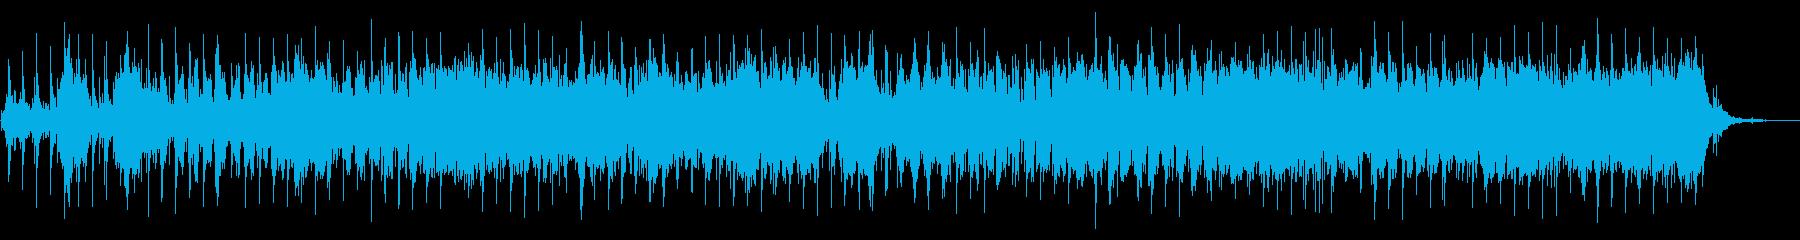 緊張感のあるインドの音楽の再生済みの波形